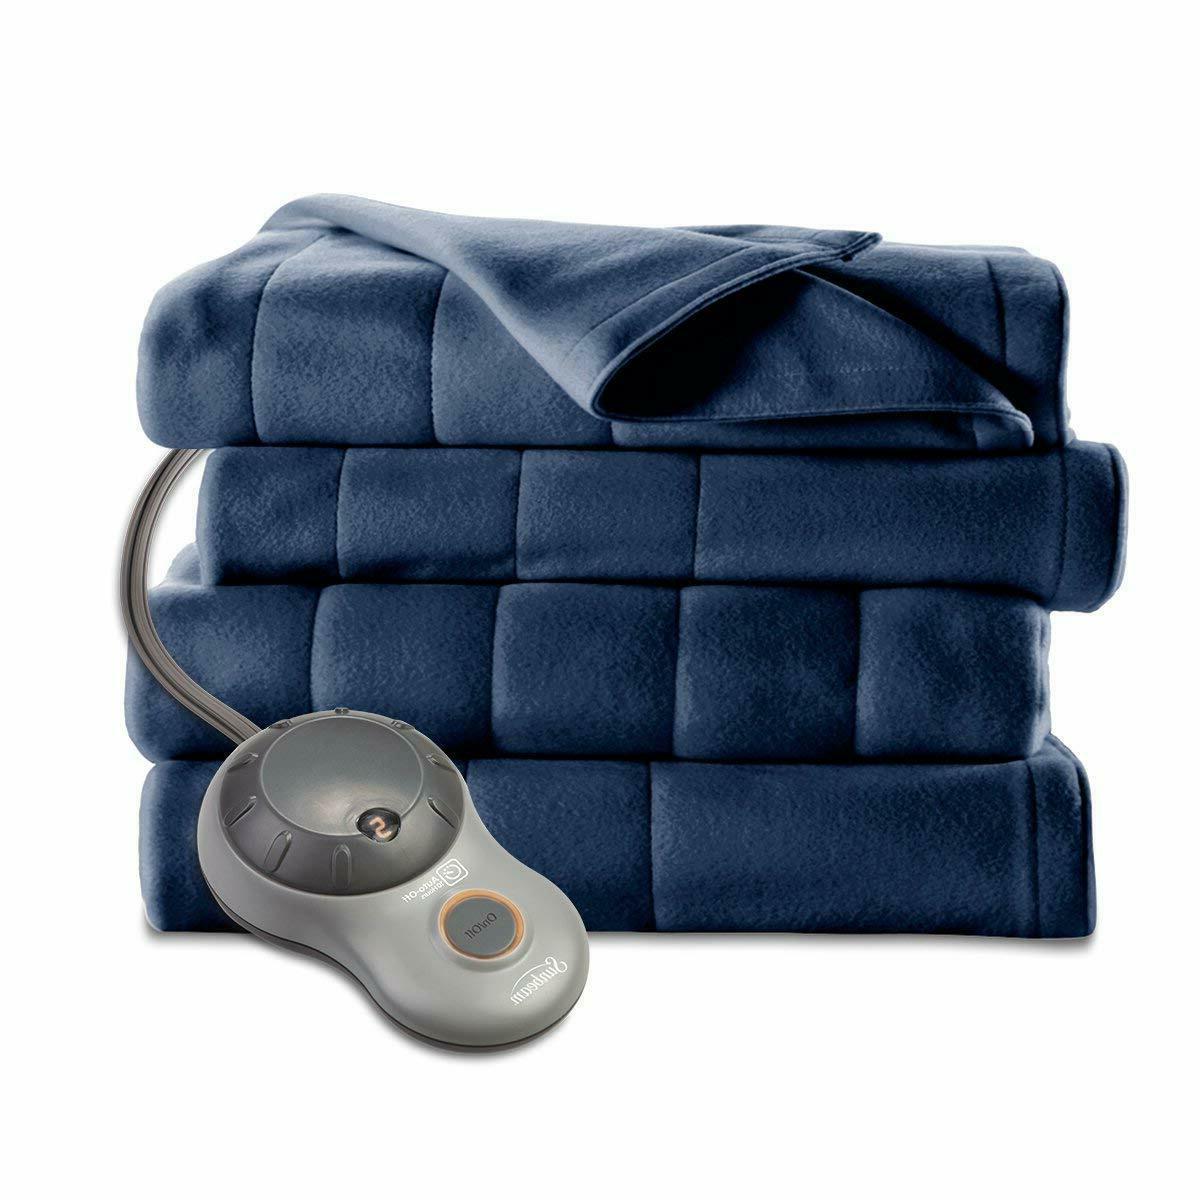 Sunbeam Heated Heat Fleece Newport Blue Twin